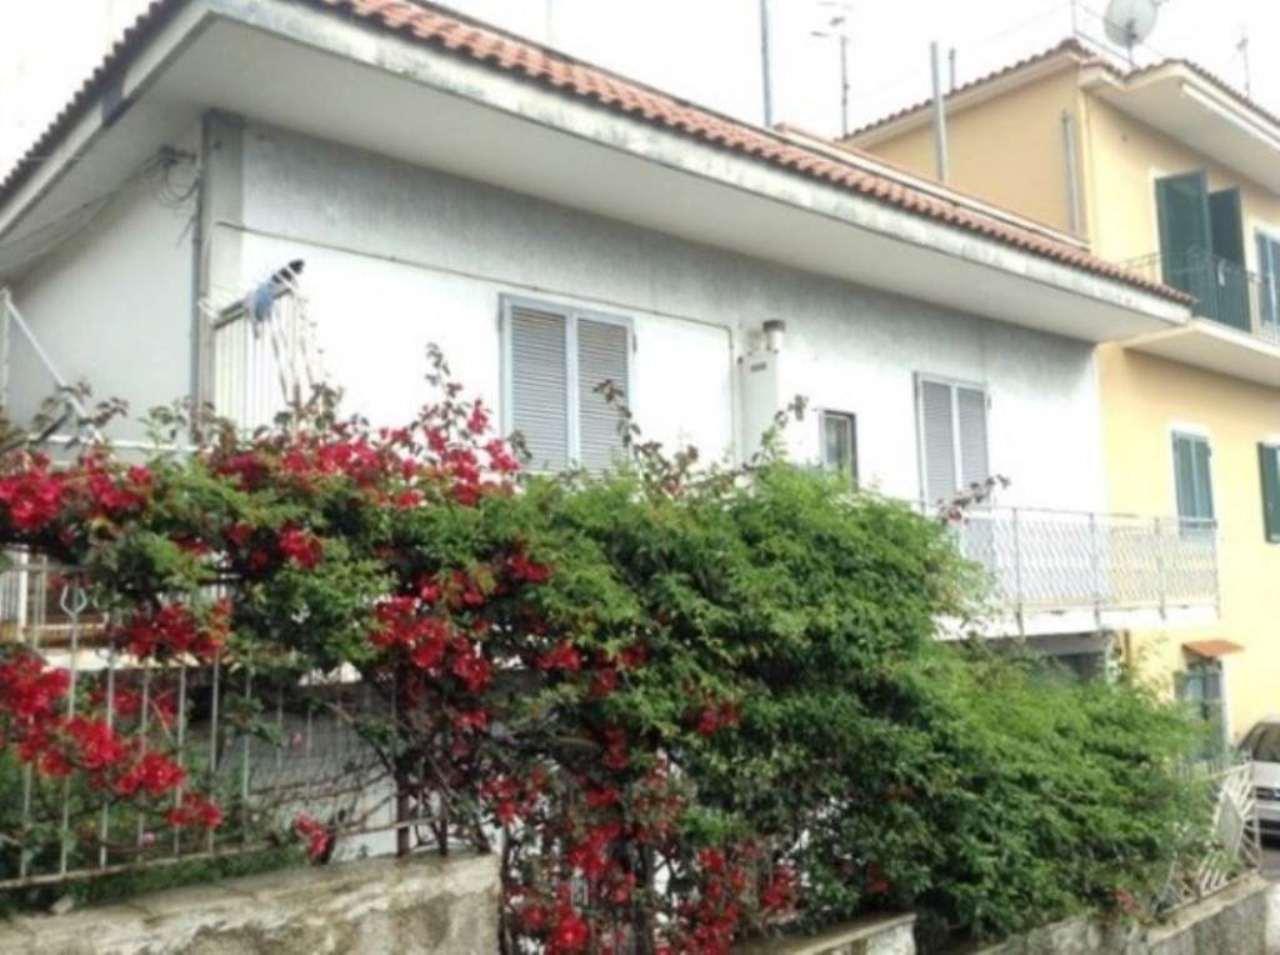 Villa in vendita a Torre del Greco, 3 locali, prezzo € 305.000 | Cambio Casa.it